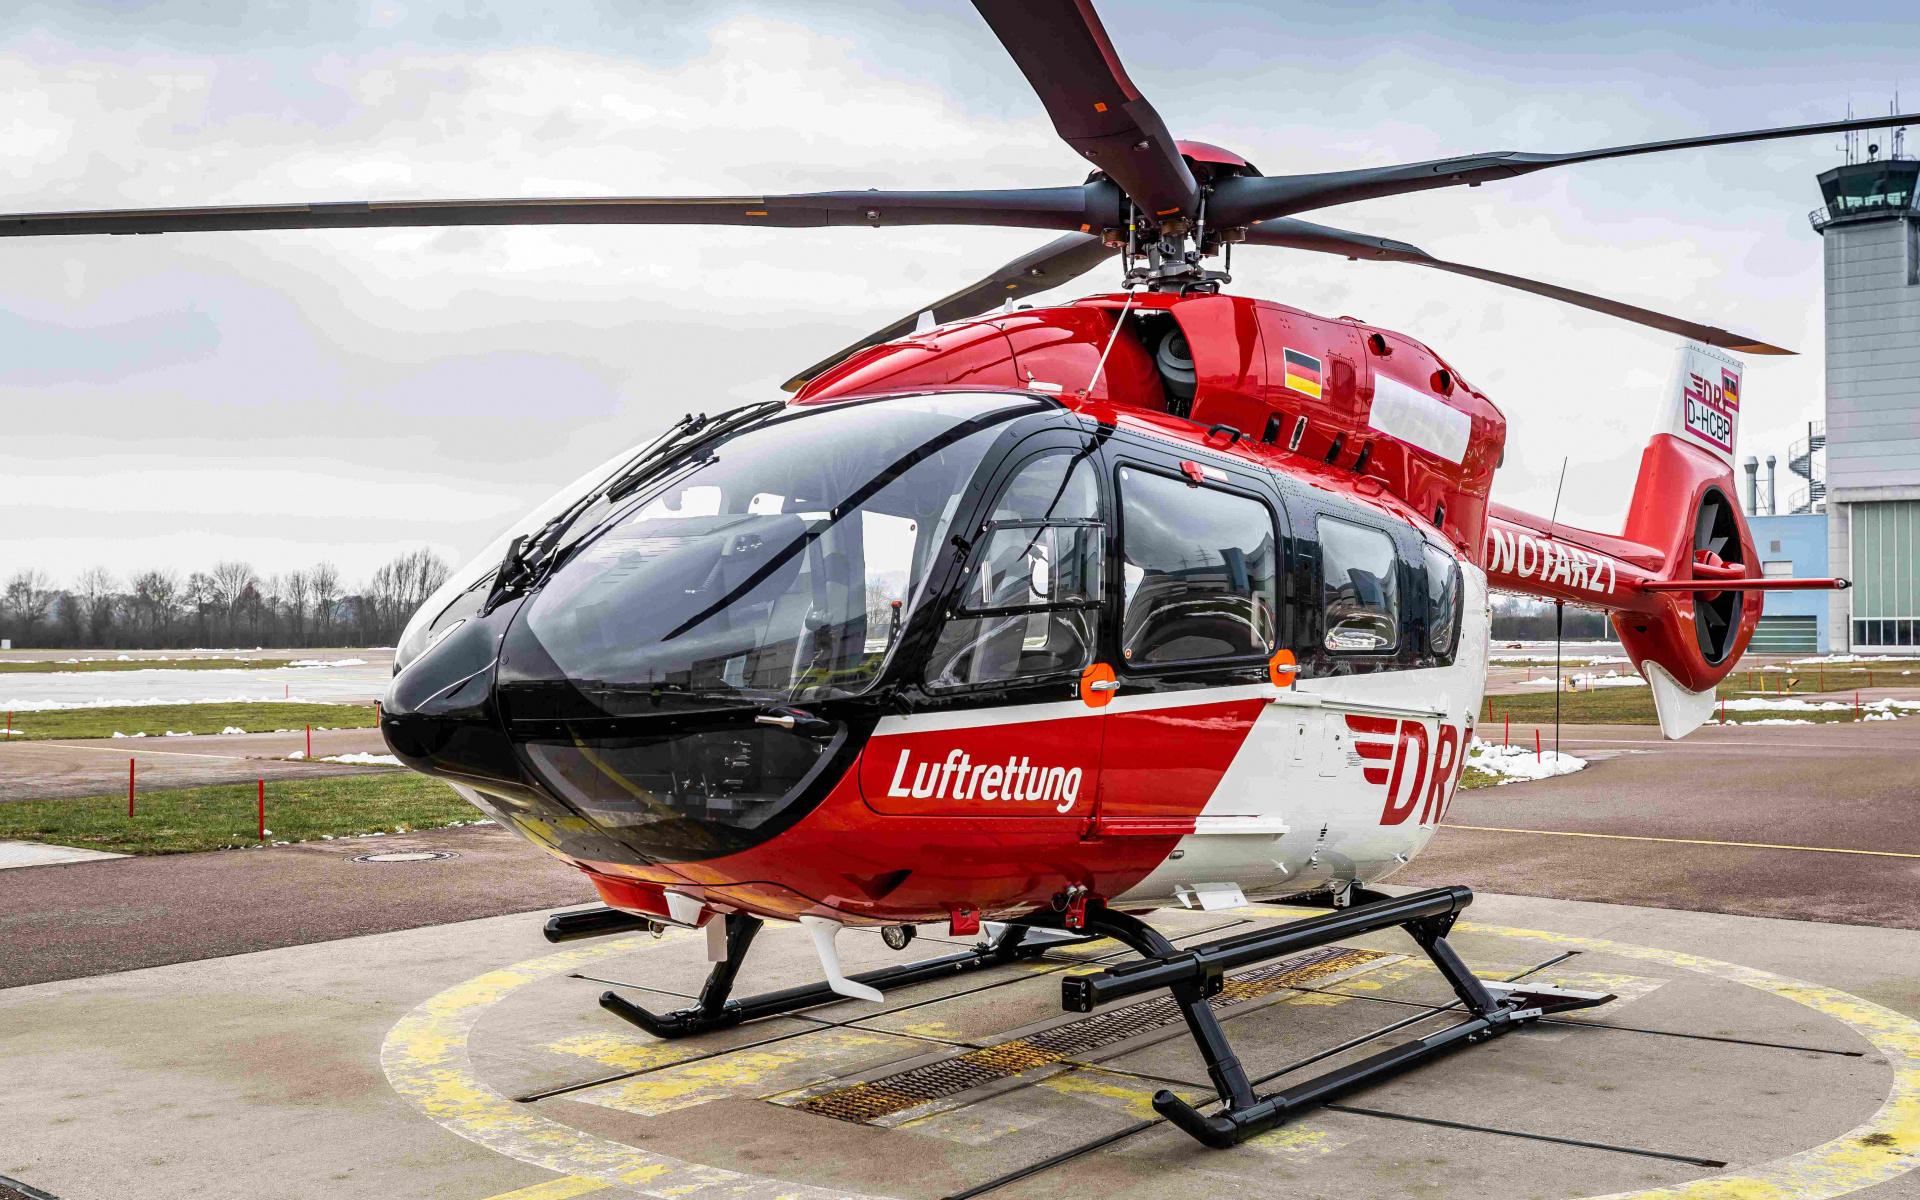 Die Übergabe fand noch kurz vor Weihnachten, am 23. Dezember 2020, am Hauptstandort der Hubschrauberproduktion von Airbus Deutschland in Donauwörth statt. (Quelle: Airbus Helicopters)